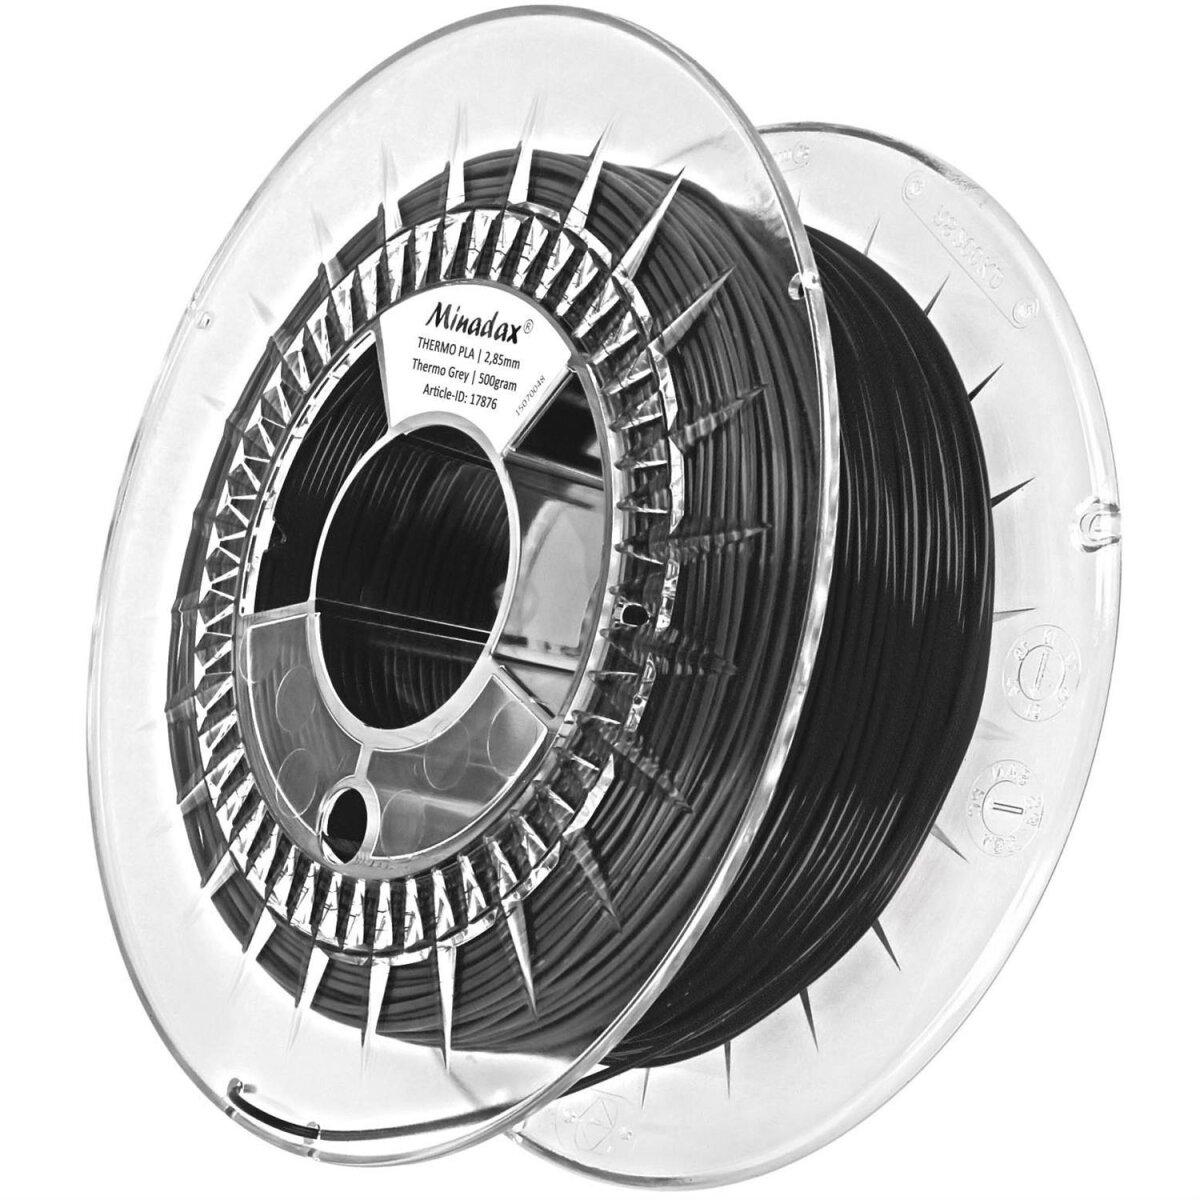 Minadax® 0,5kg Premium Qualitaet 3mm (2,85mm) THERMO-Filament grau fuer 3D-Drucker hergestellt in Europa